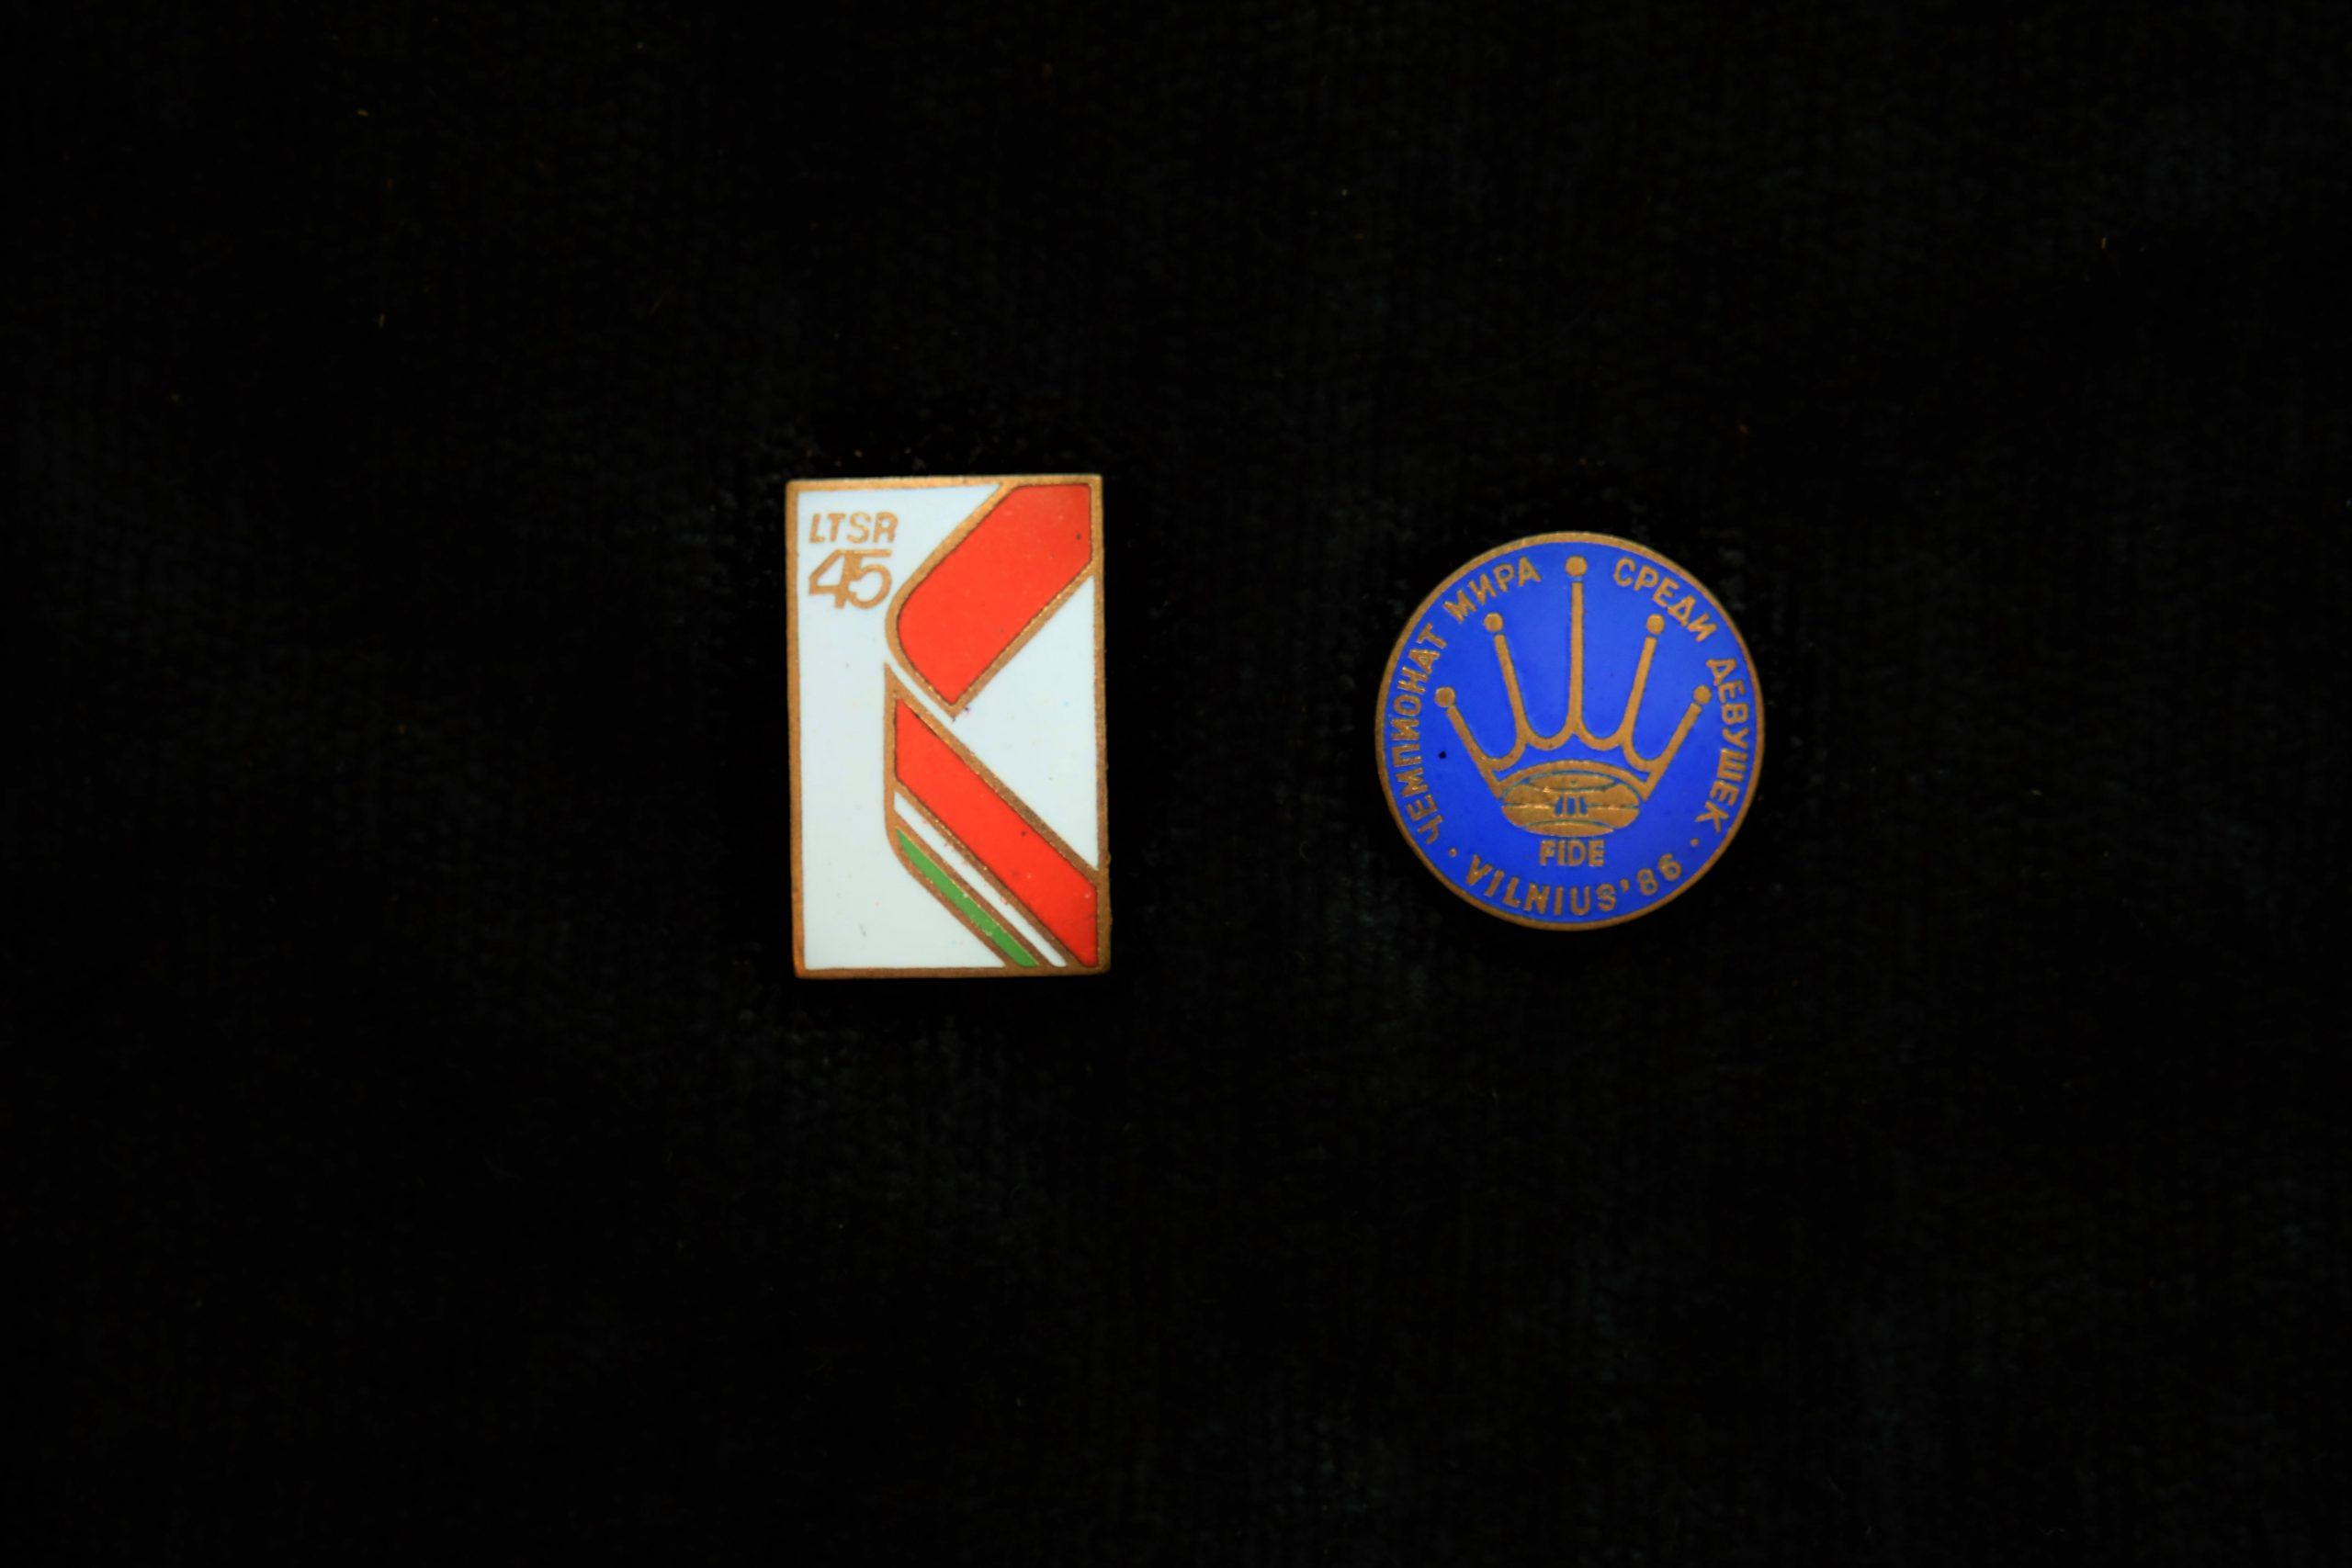 LTSR 45-mečio ir pasaulio mergaičių šachmatų čempionato 1986 m. Vilniuje ženkleliai